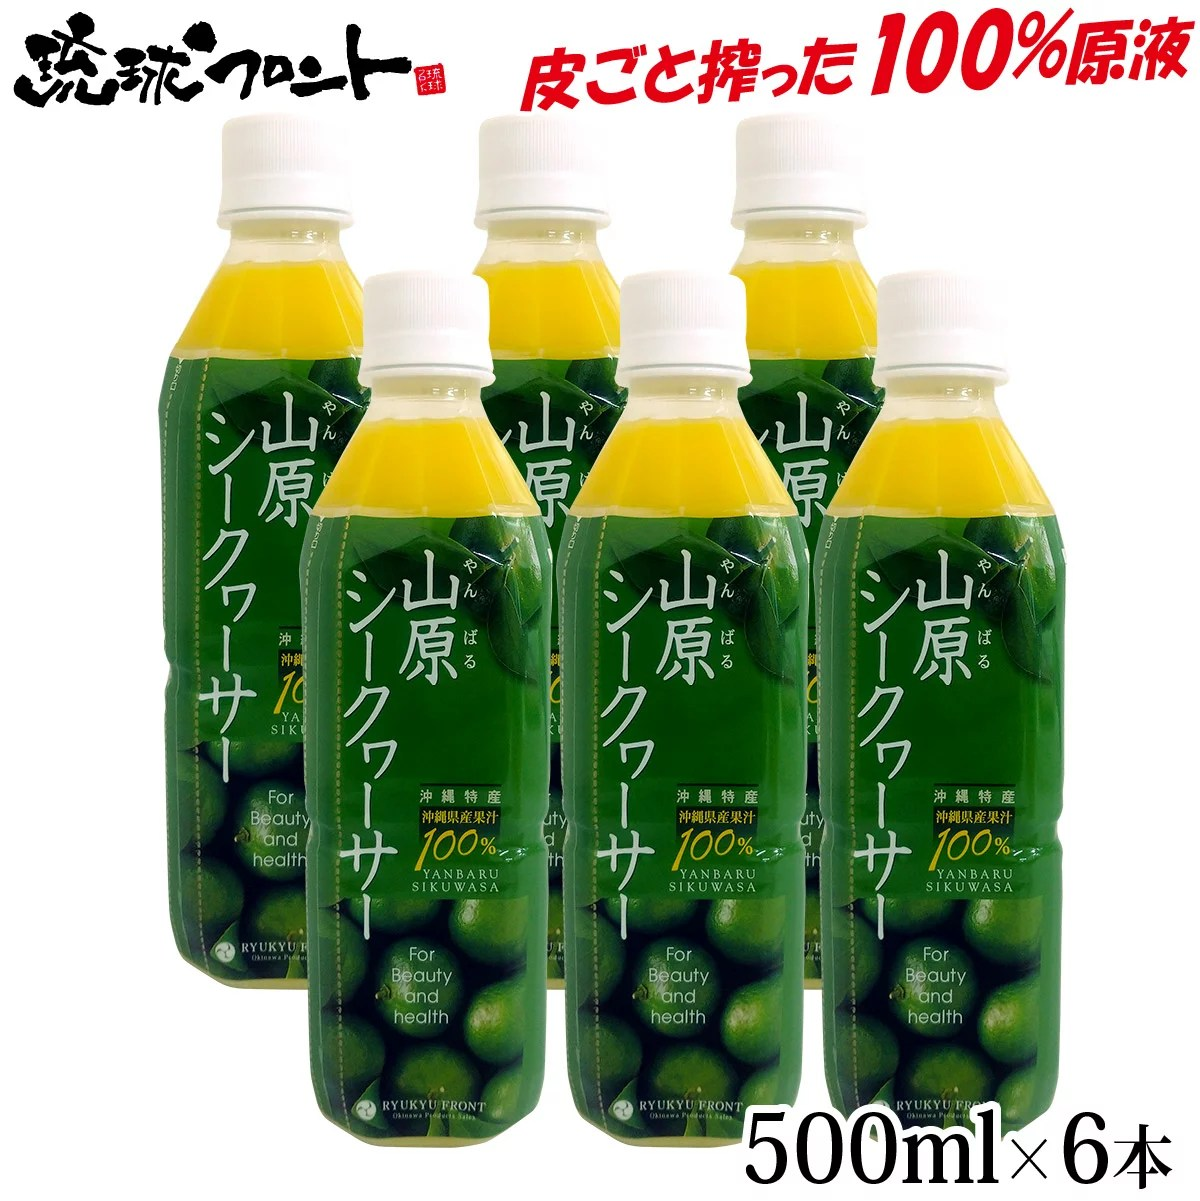 【送料無料】 山原シークワーサー ペットボトル 500ml×6本セット 沖縄 沖